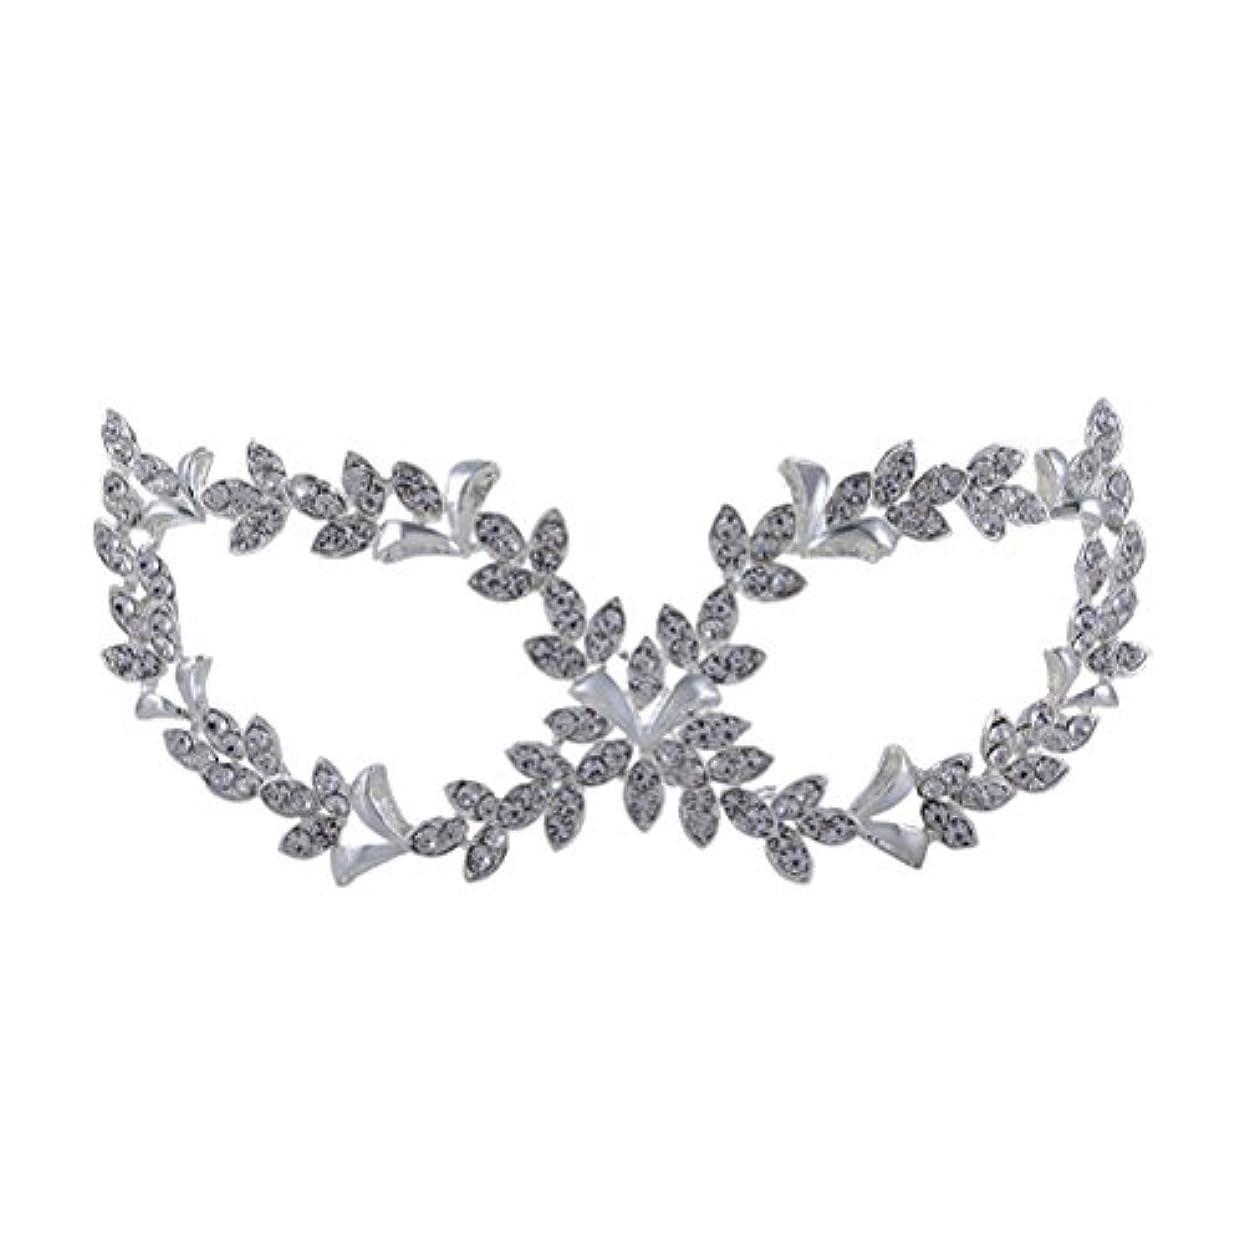 痛い施設嵐のROSENICE 仮面舞踏会マスク 調節可能